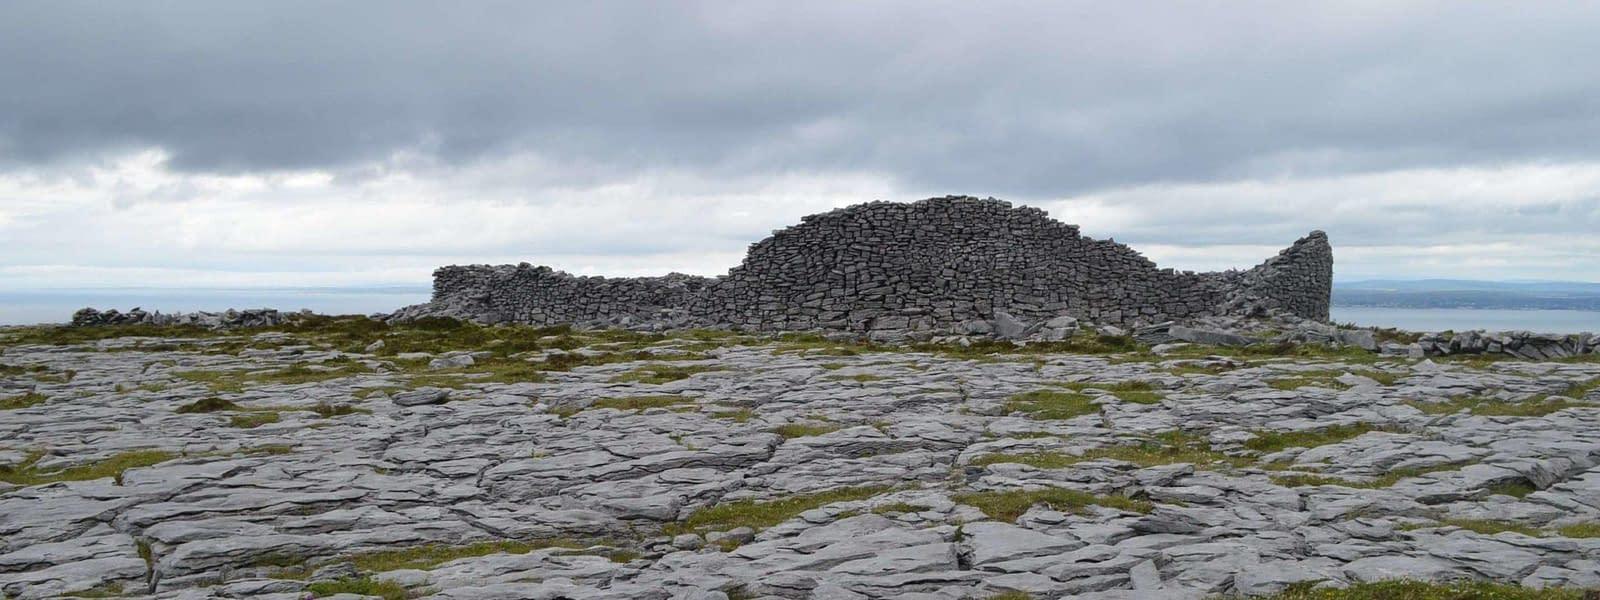 Ringforts in The Burren